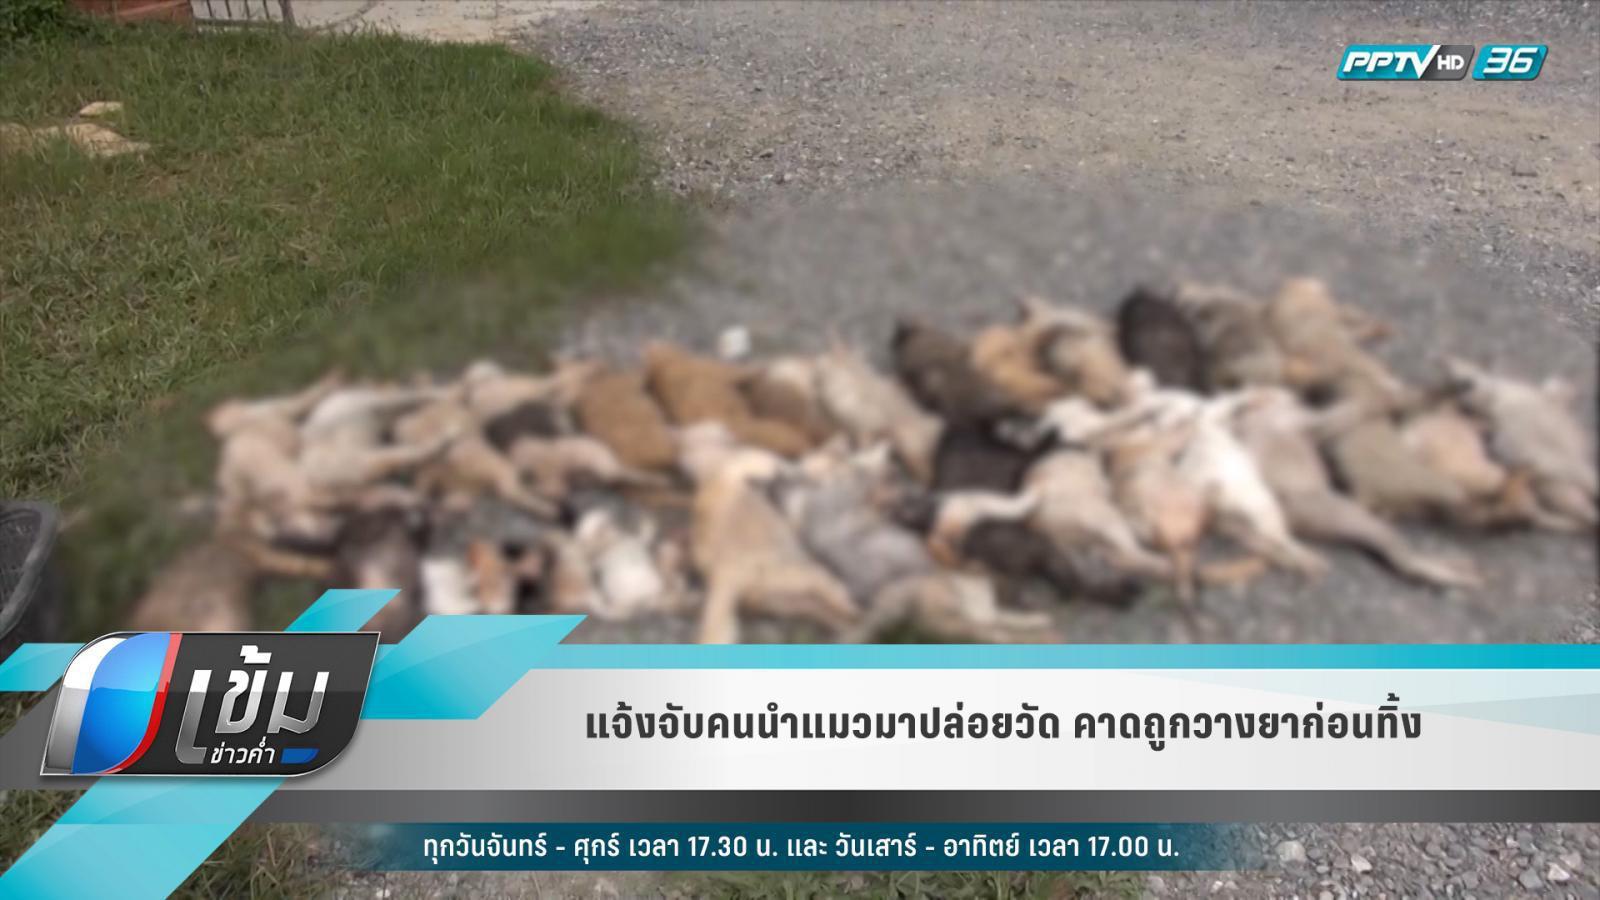 แจ้งจับคนนำแมวมาปล่อยวัด คาดถูกวางยาก่อนทิ้ง